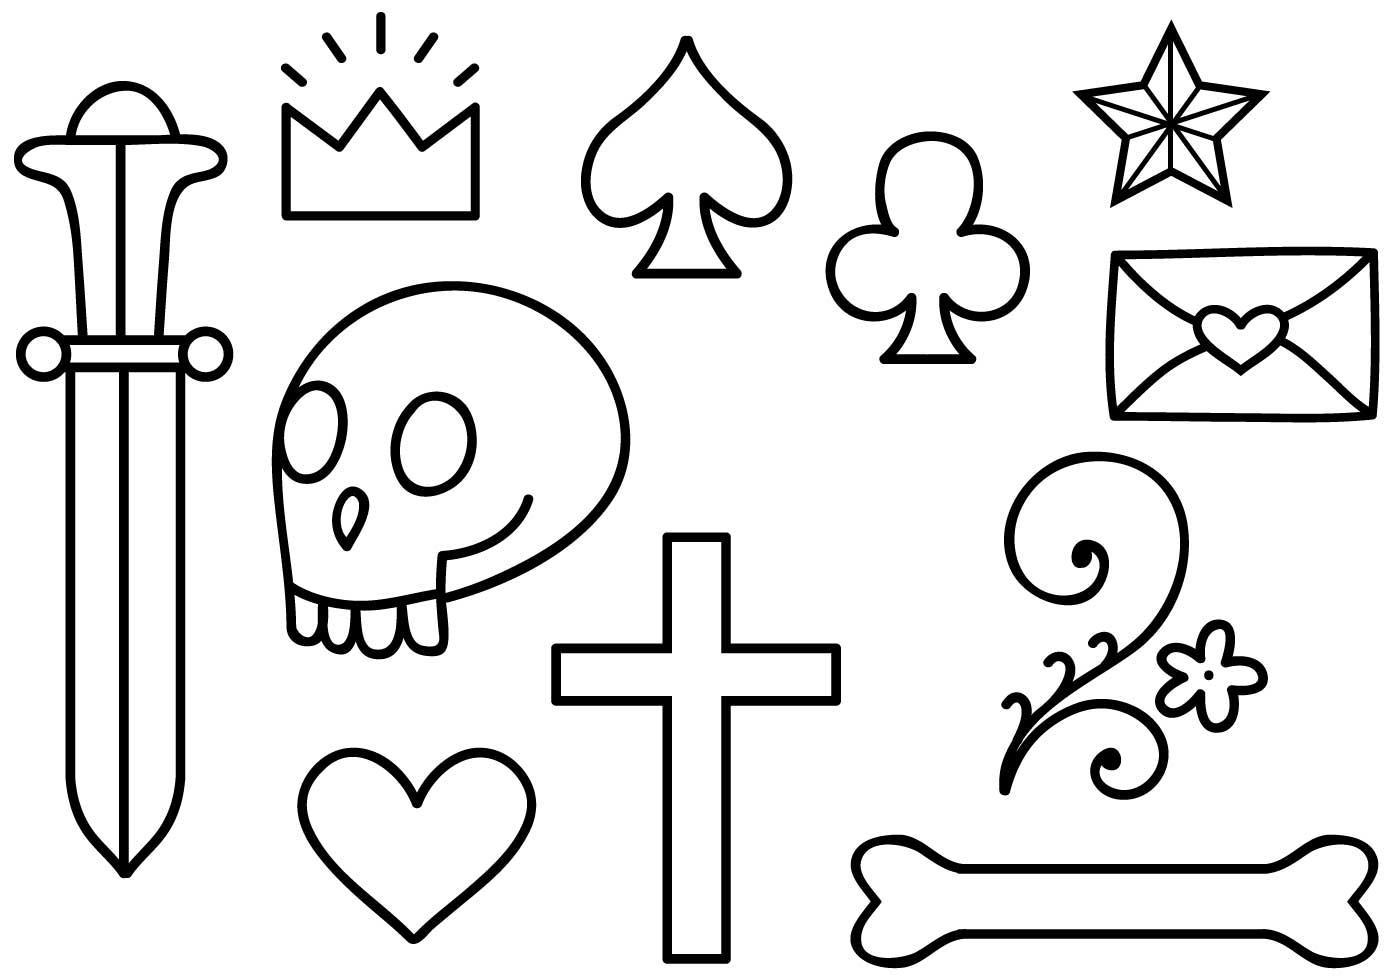 Free Old School Tattoo 2 Vectors Download Free Vector Art Stock